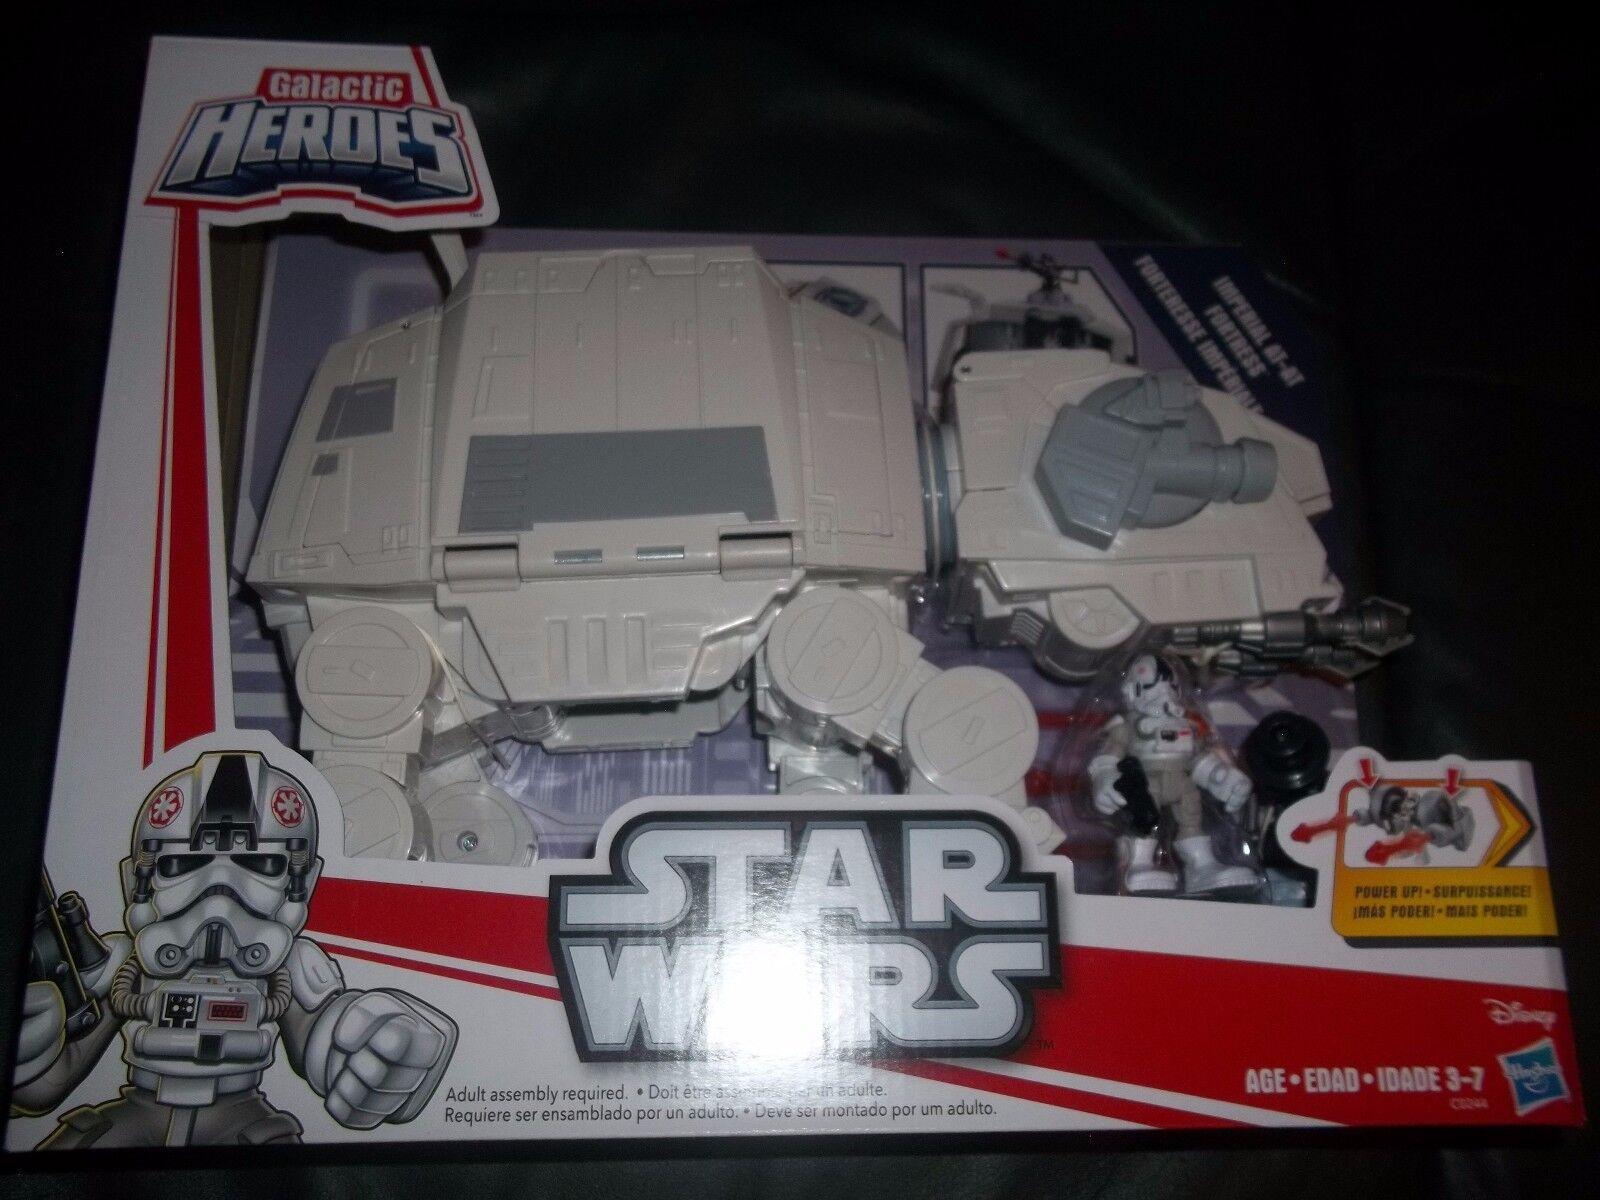 Star - wars - galaktischen helden imperial at-at walker zahlen new in box